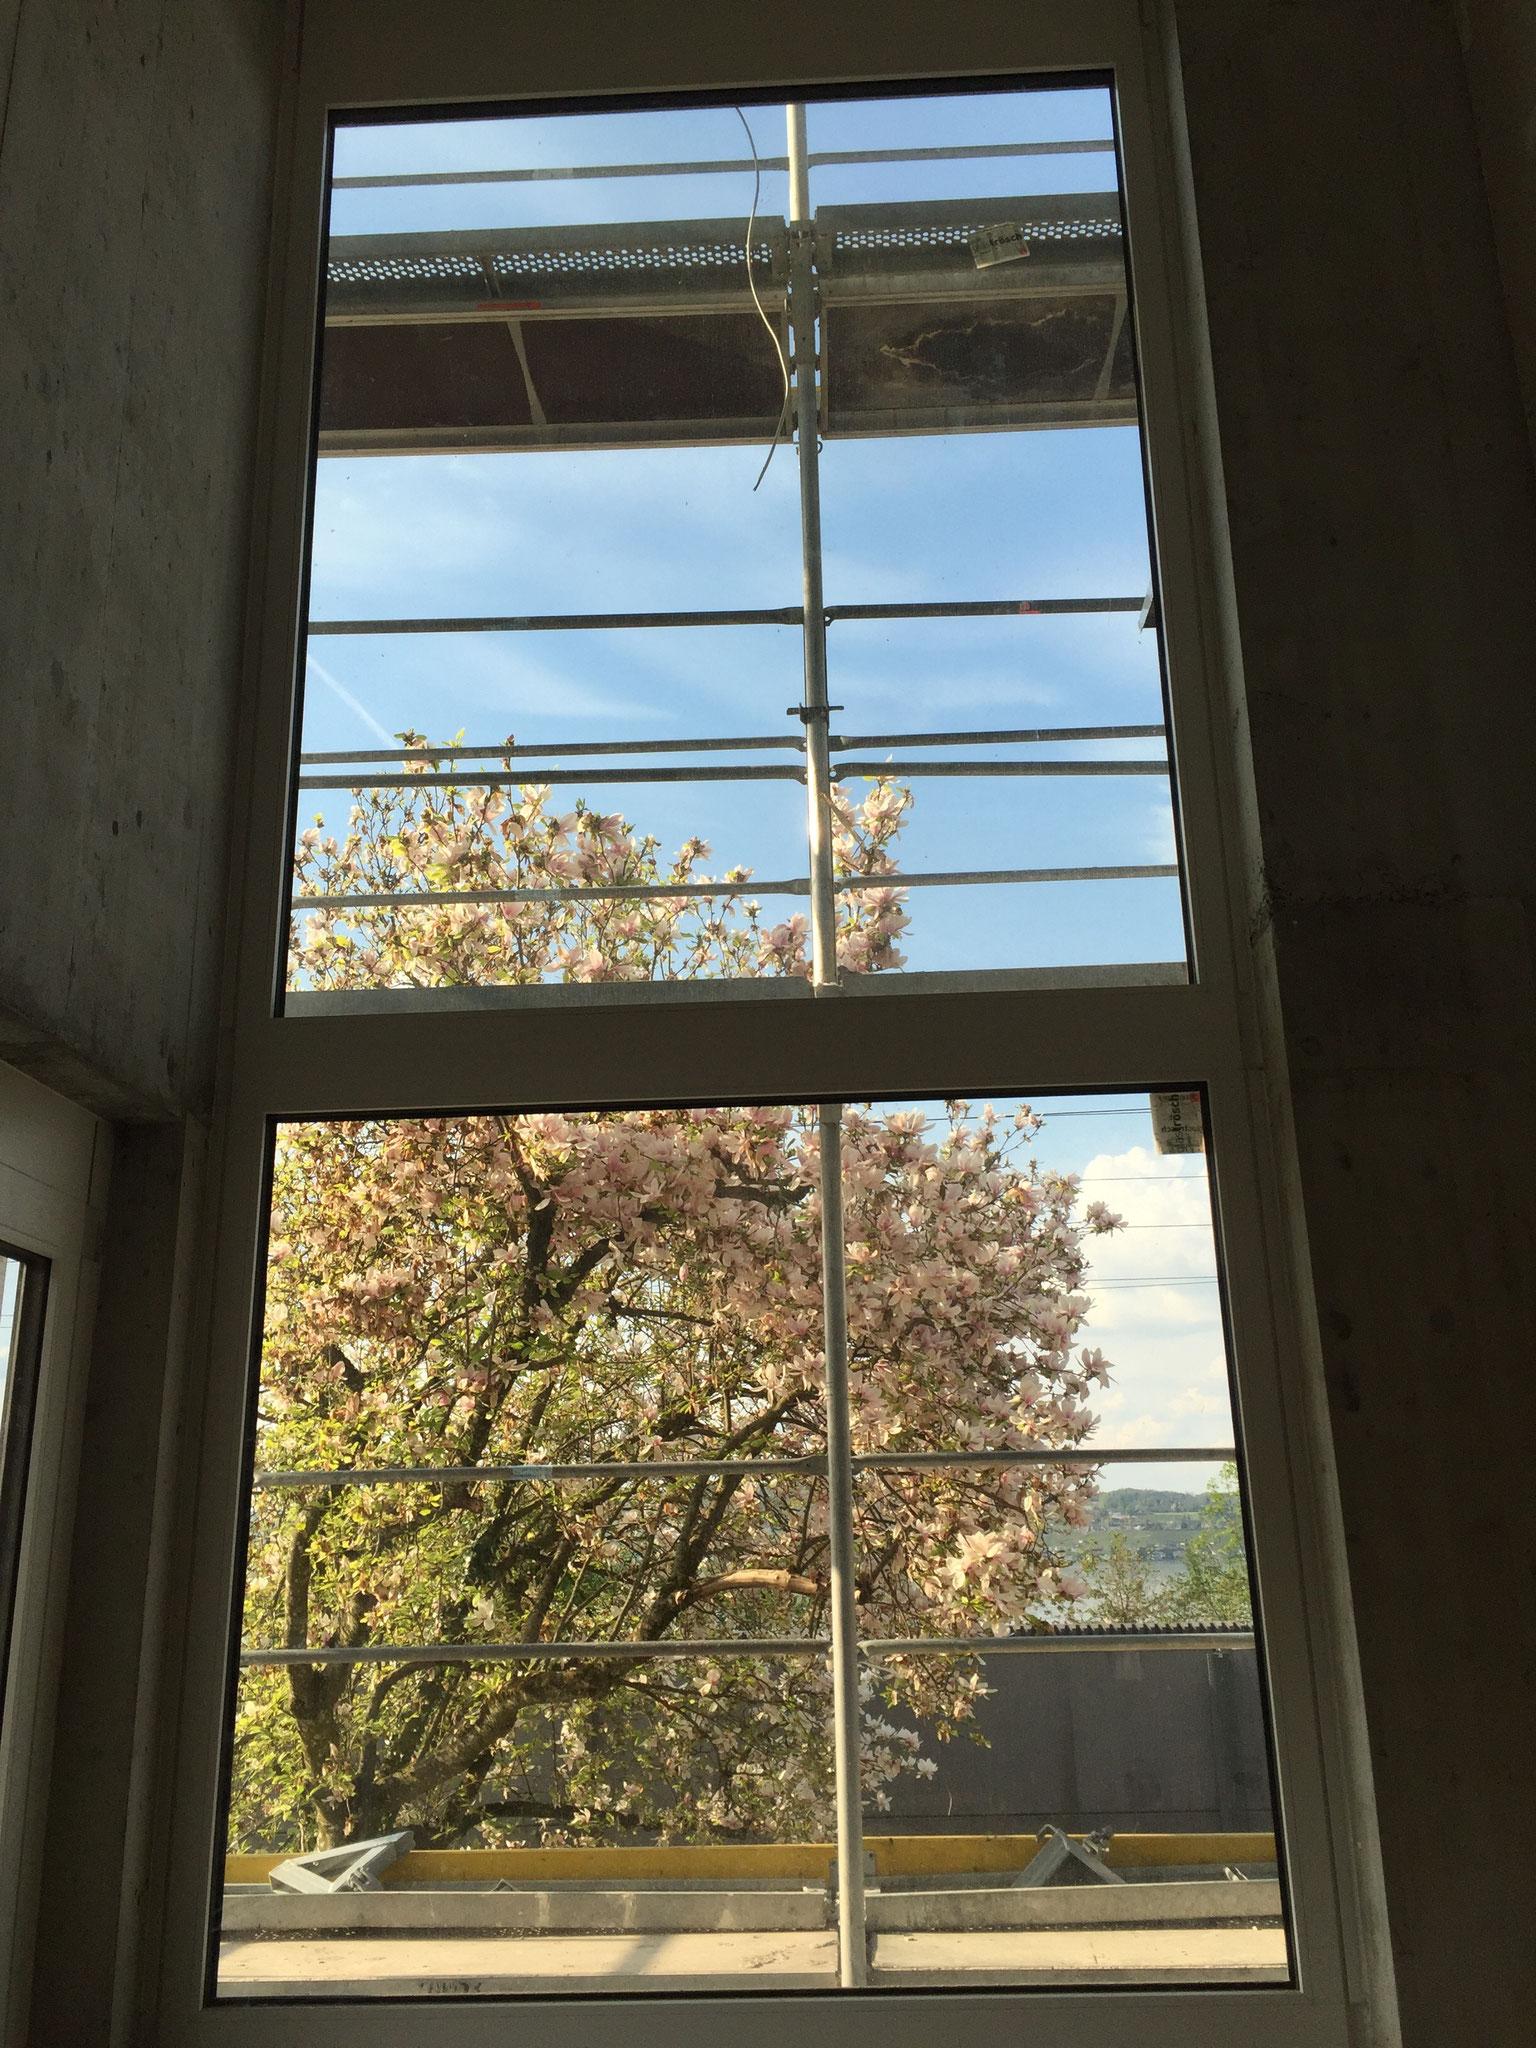 2016-04-22 Doppelgeschossiges Fenster